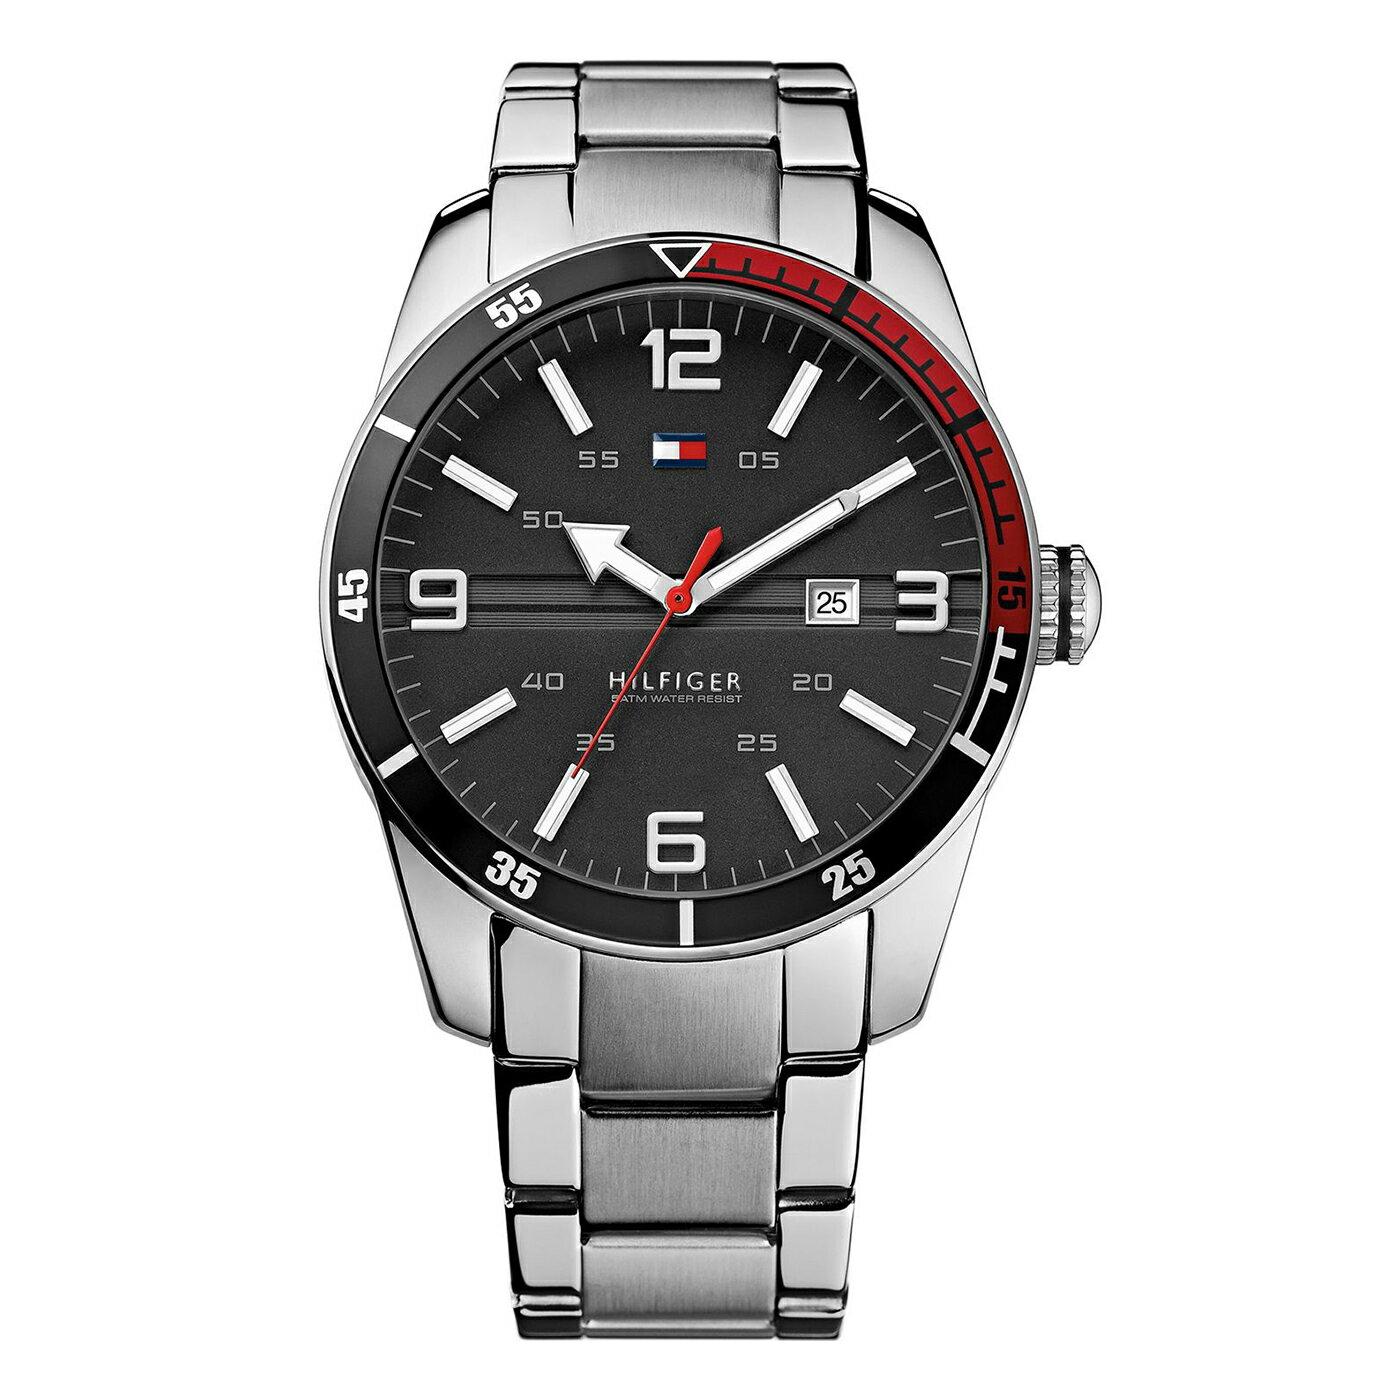 美國百分百【全新真品】Tommy Hilfiger 手錶 TH 配件 不 鋼 金屬錶帶 石英 日期 計時 銀色 G106